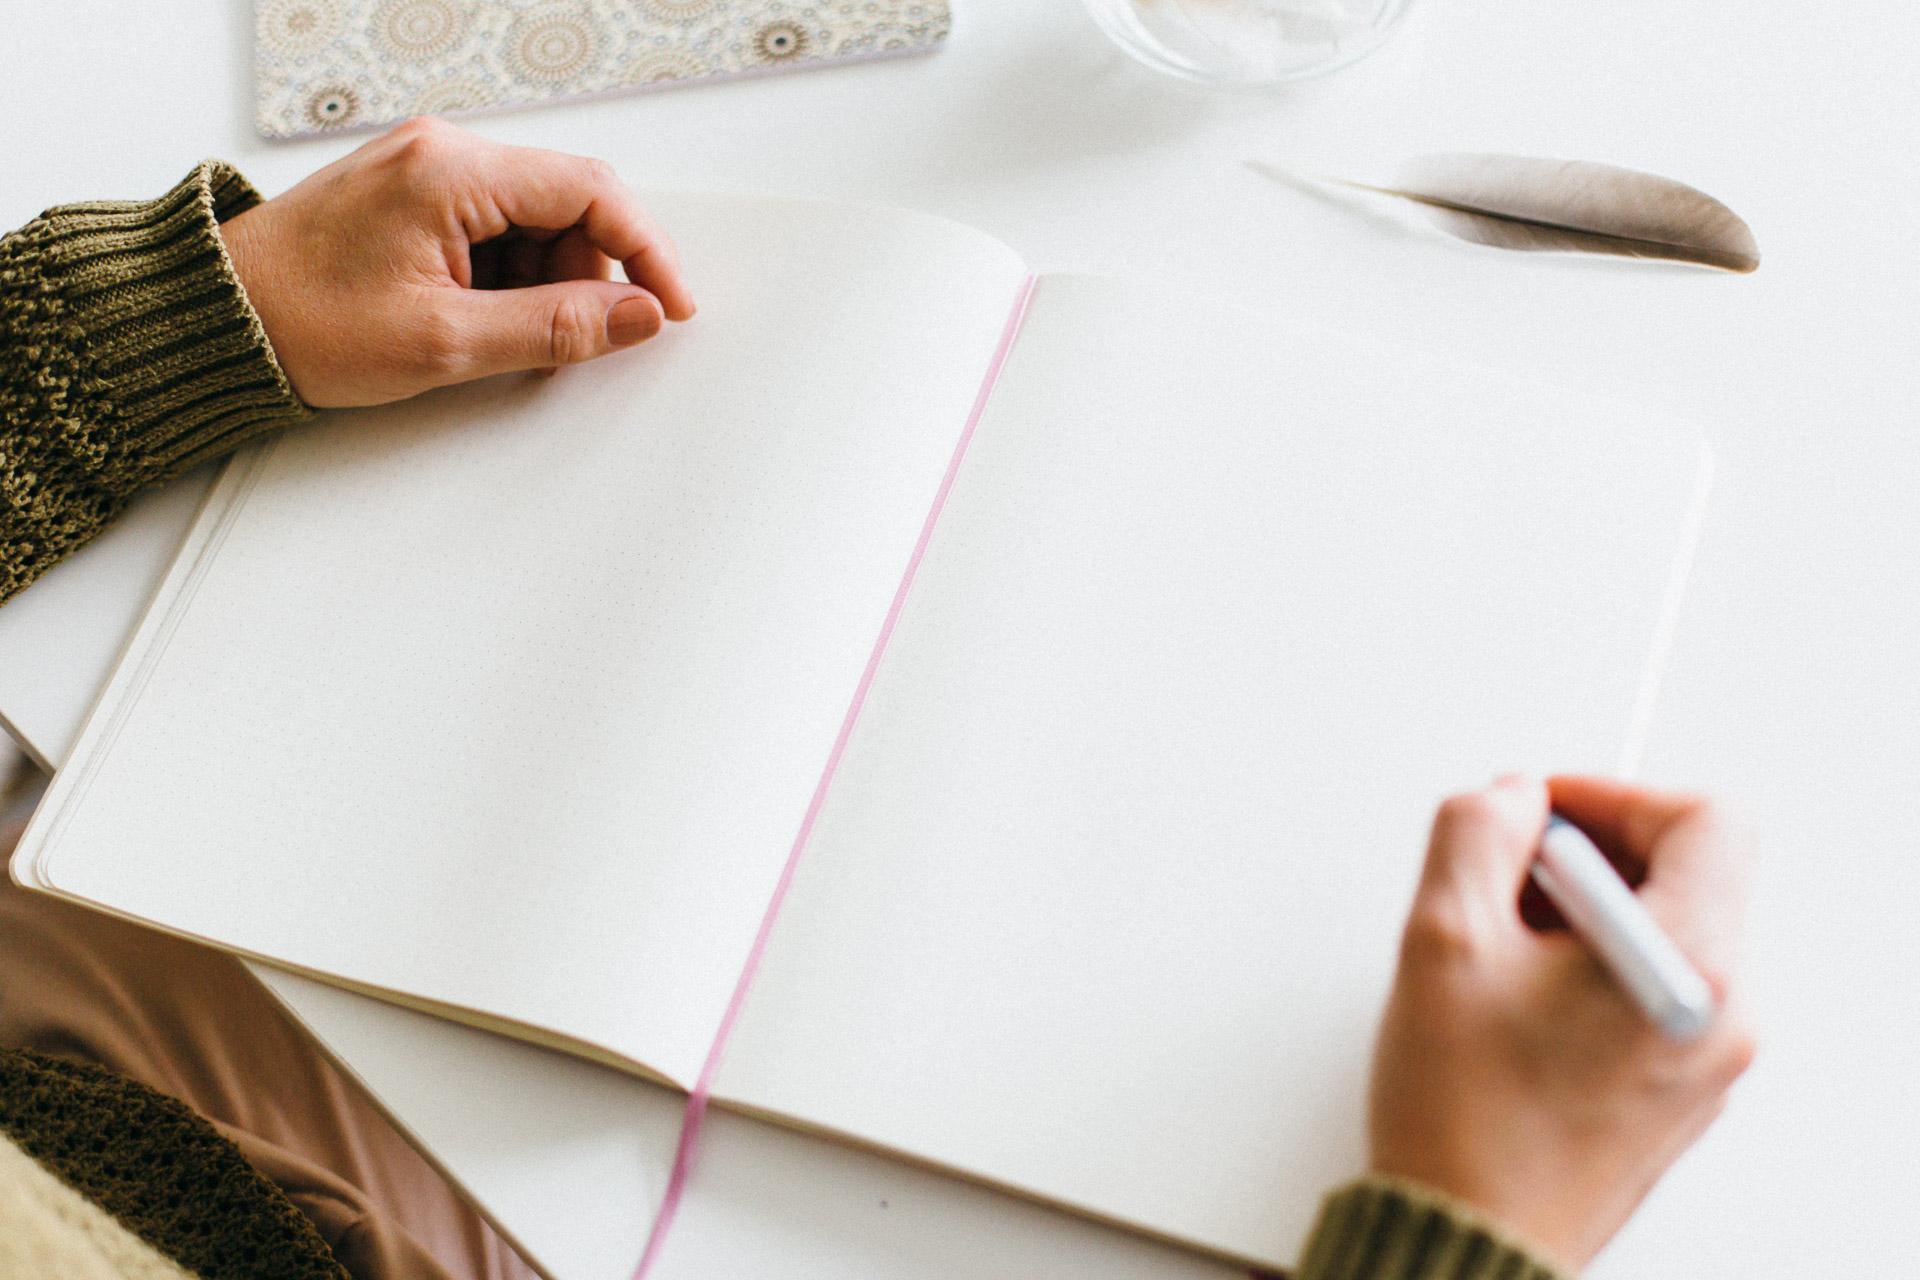 Ein offenes Notizbuch. Ich halte einen Füller in der Hand, bereit Inspirationen für wunderbare Gedanken to go aufzuschreiben.